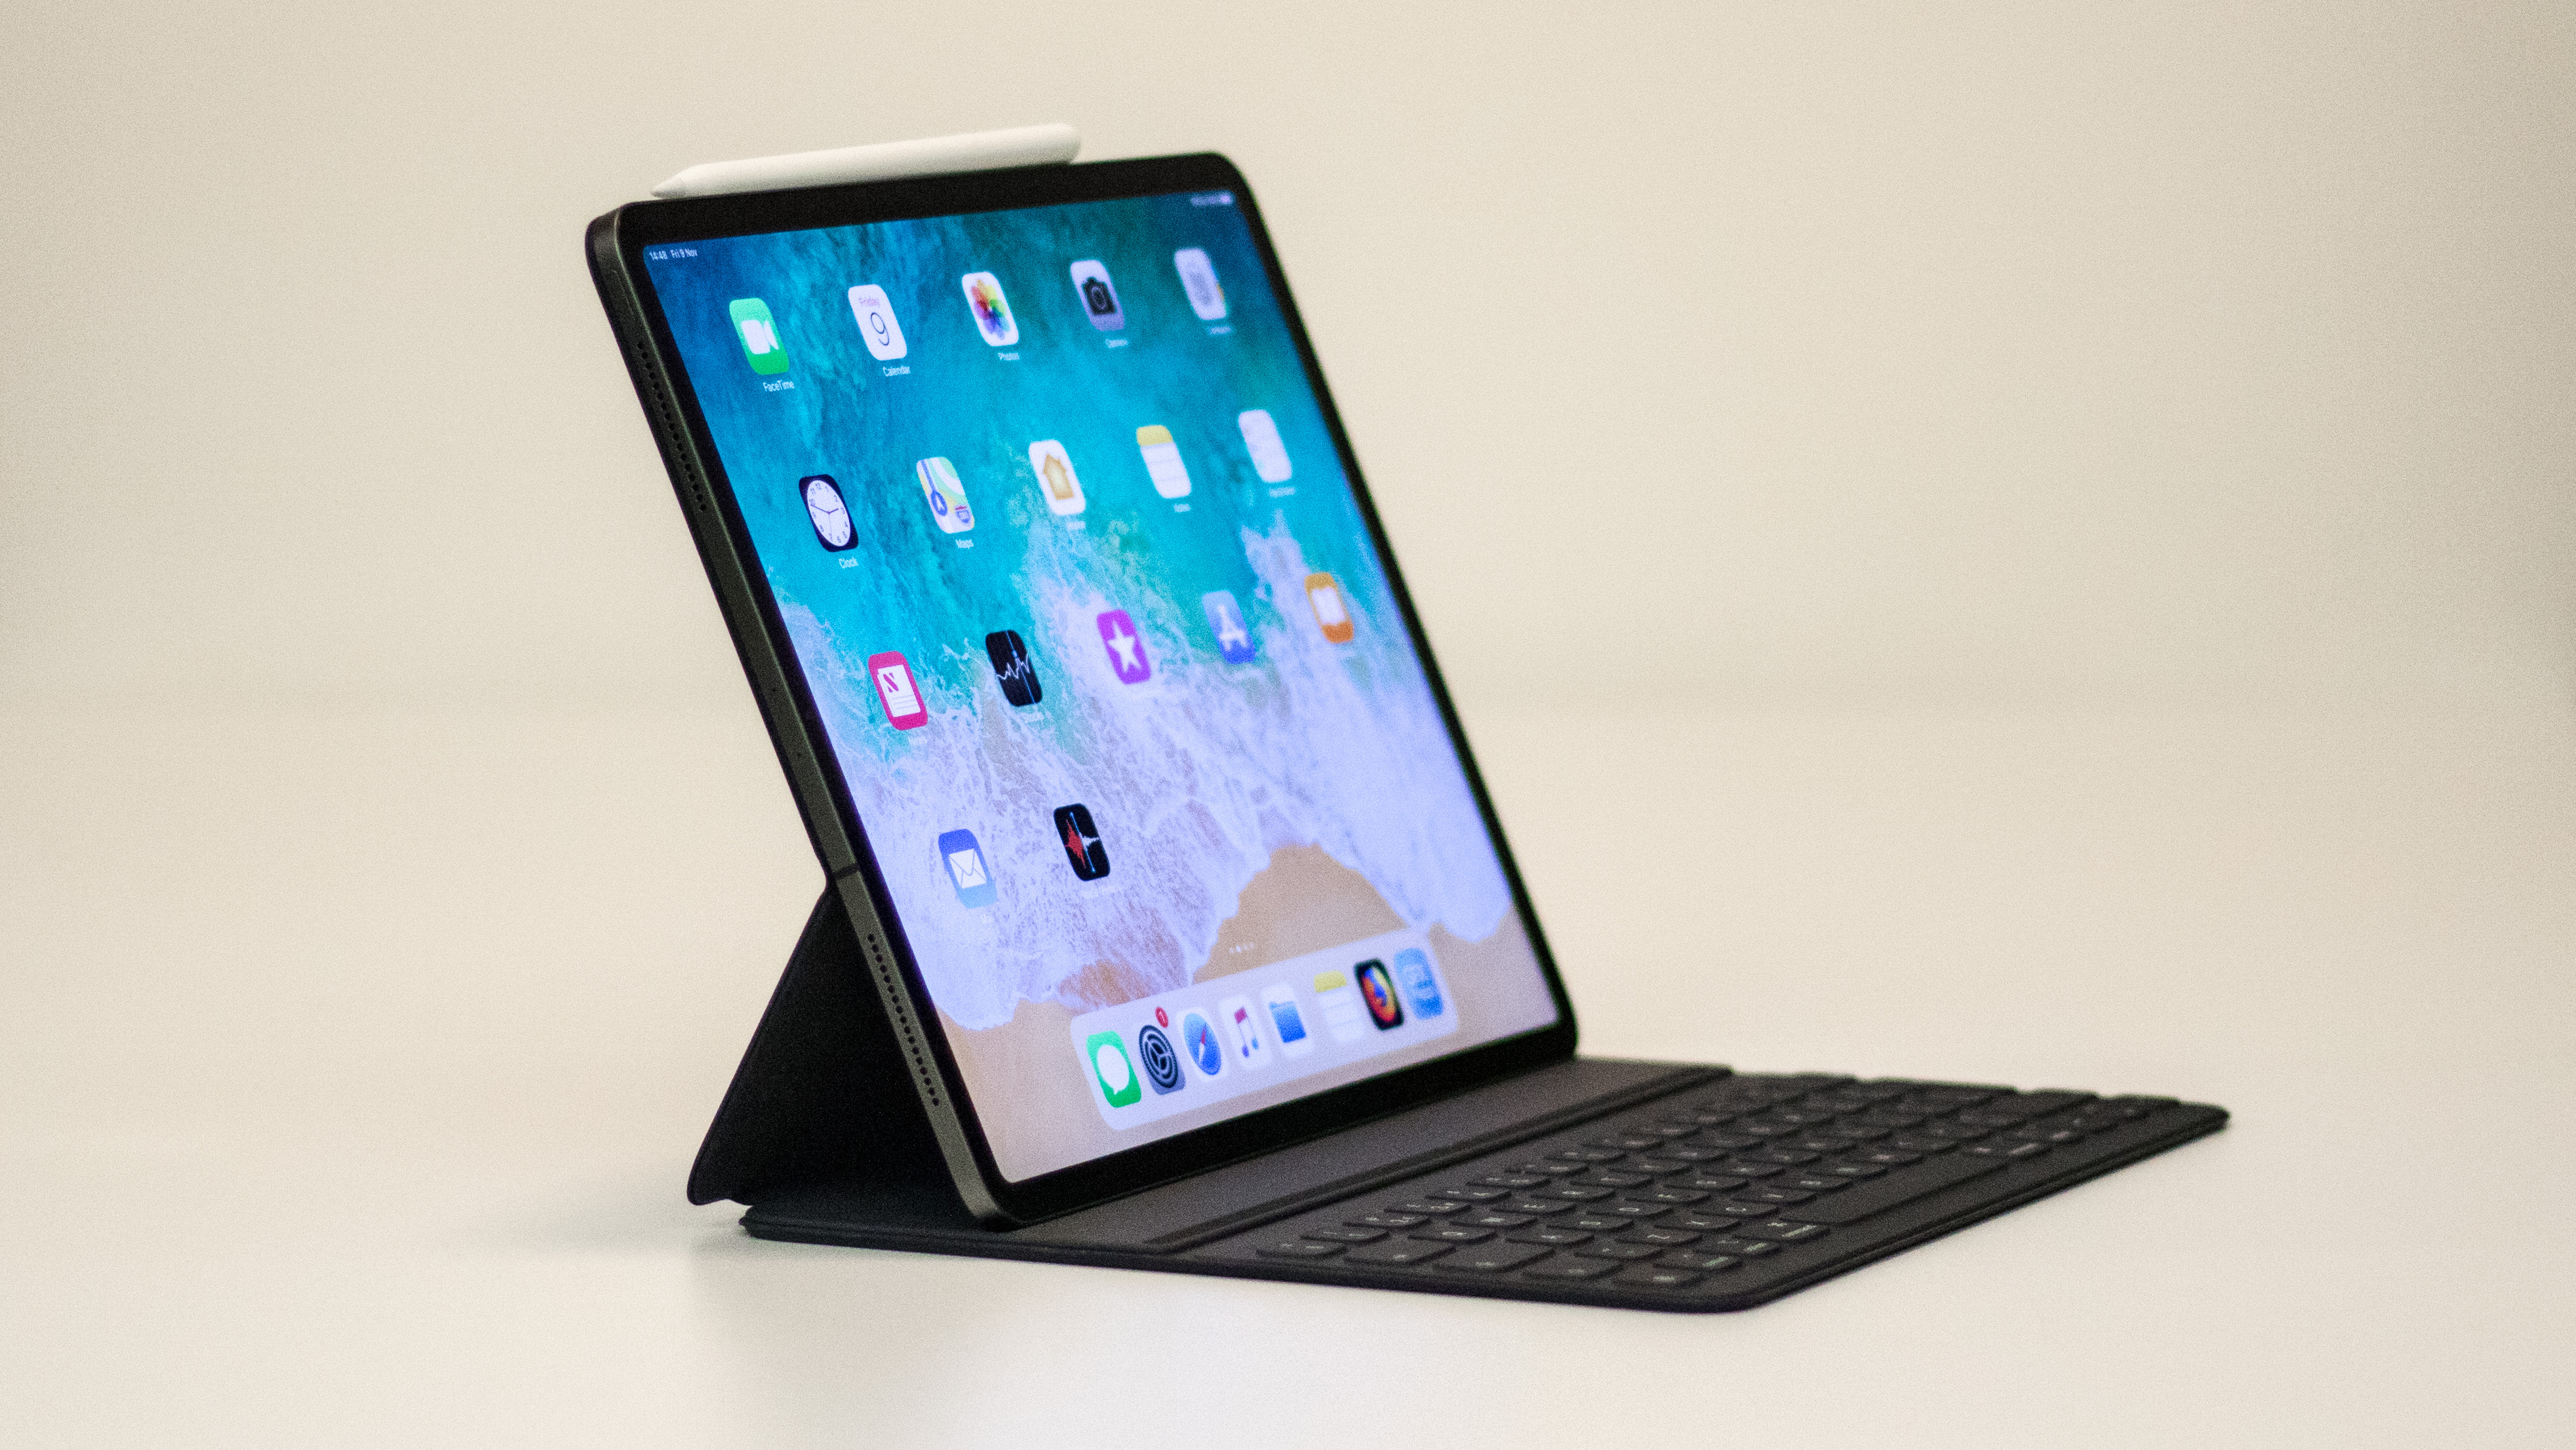 Свежие слухи предполагают, что в следующем году может появиться складной iPad 5G